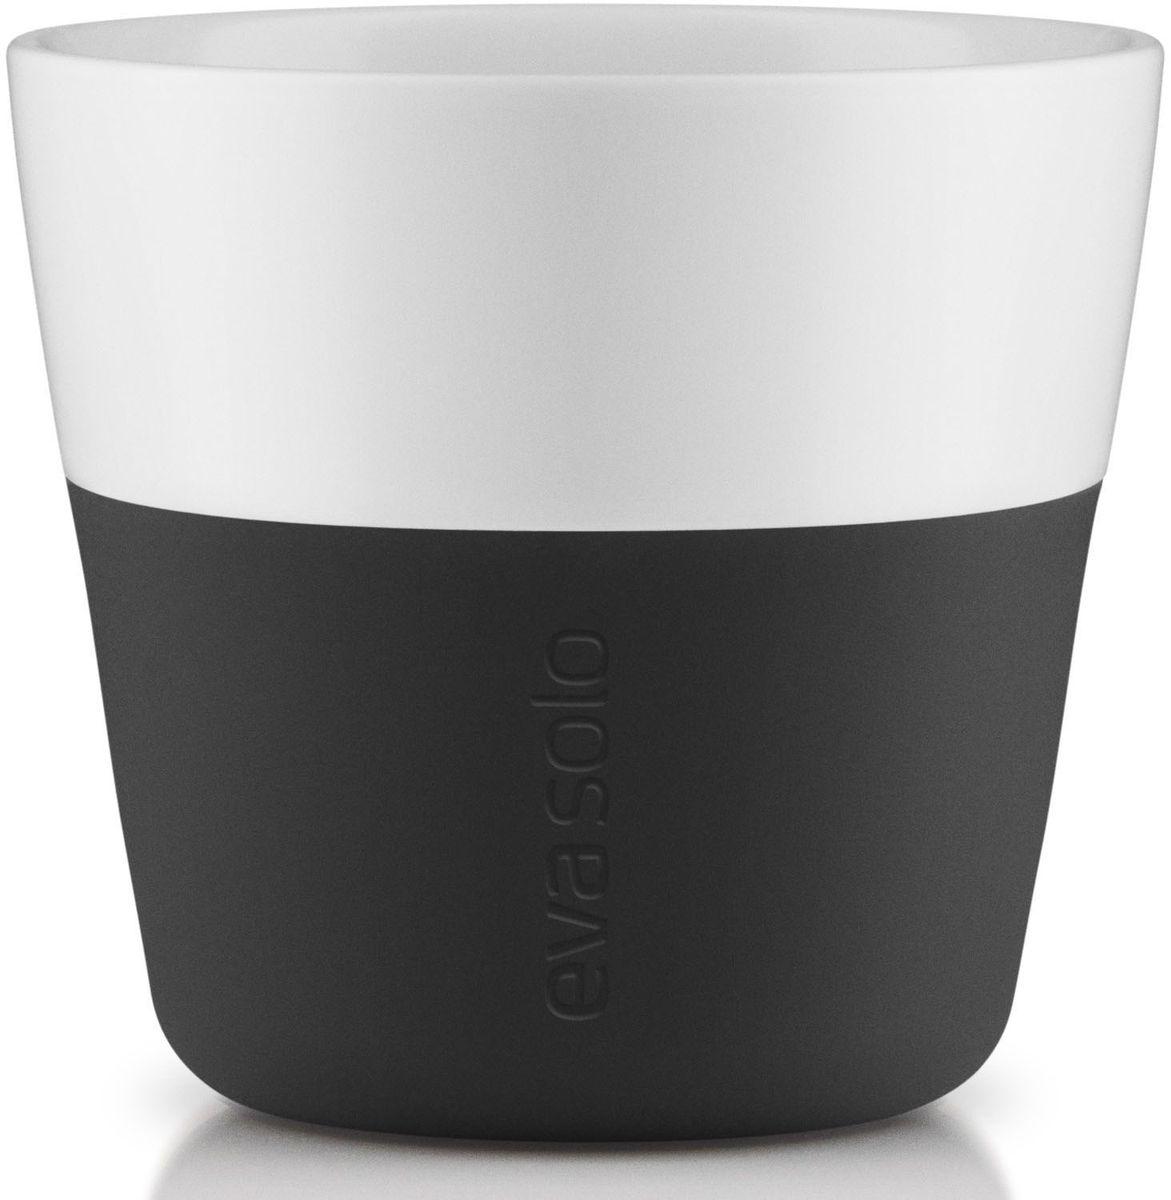 Чашки для лунго Eva Solo, 230 мл, 2 шт., цвет: черный115510Чашка для кофе лунго от Eva Solo рассчитана на 230 мл - оптимальный объем, а также стандарт для этого типа напитка у большинства кофе-машин. Чашка сделана из фарфора и имеет специальный силиконовый чехол, чтобы ее можно было держать в руках, не рискуя обжечь пальцы. Чехол легко снимается, и чашку можно мыть в посудомоечной машине. Умные и красивые предметы посуды от Eva Solo будут украшением любой кухни!